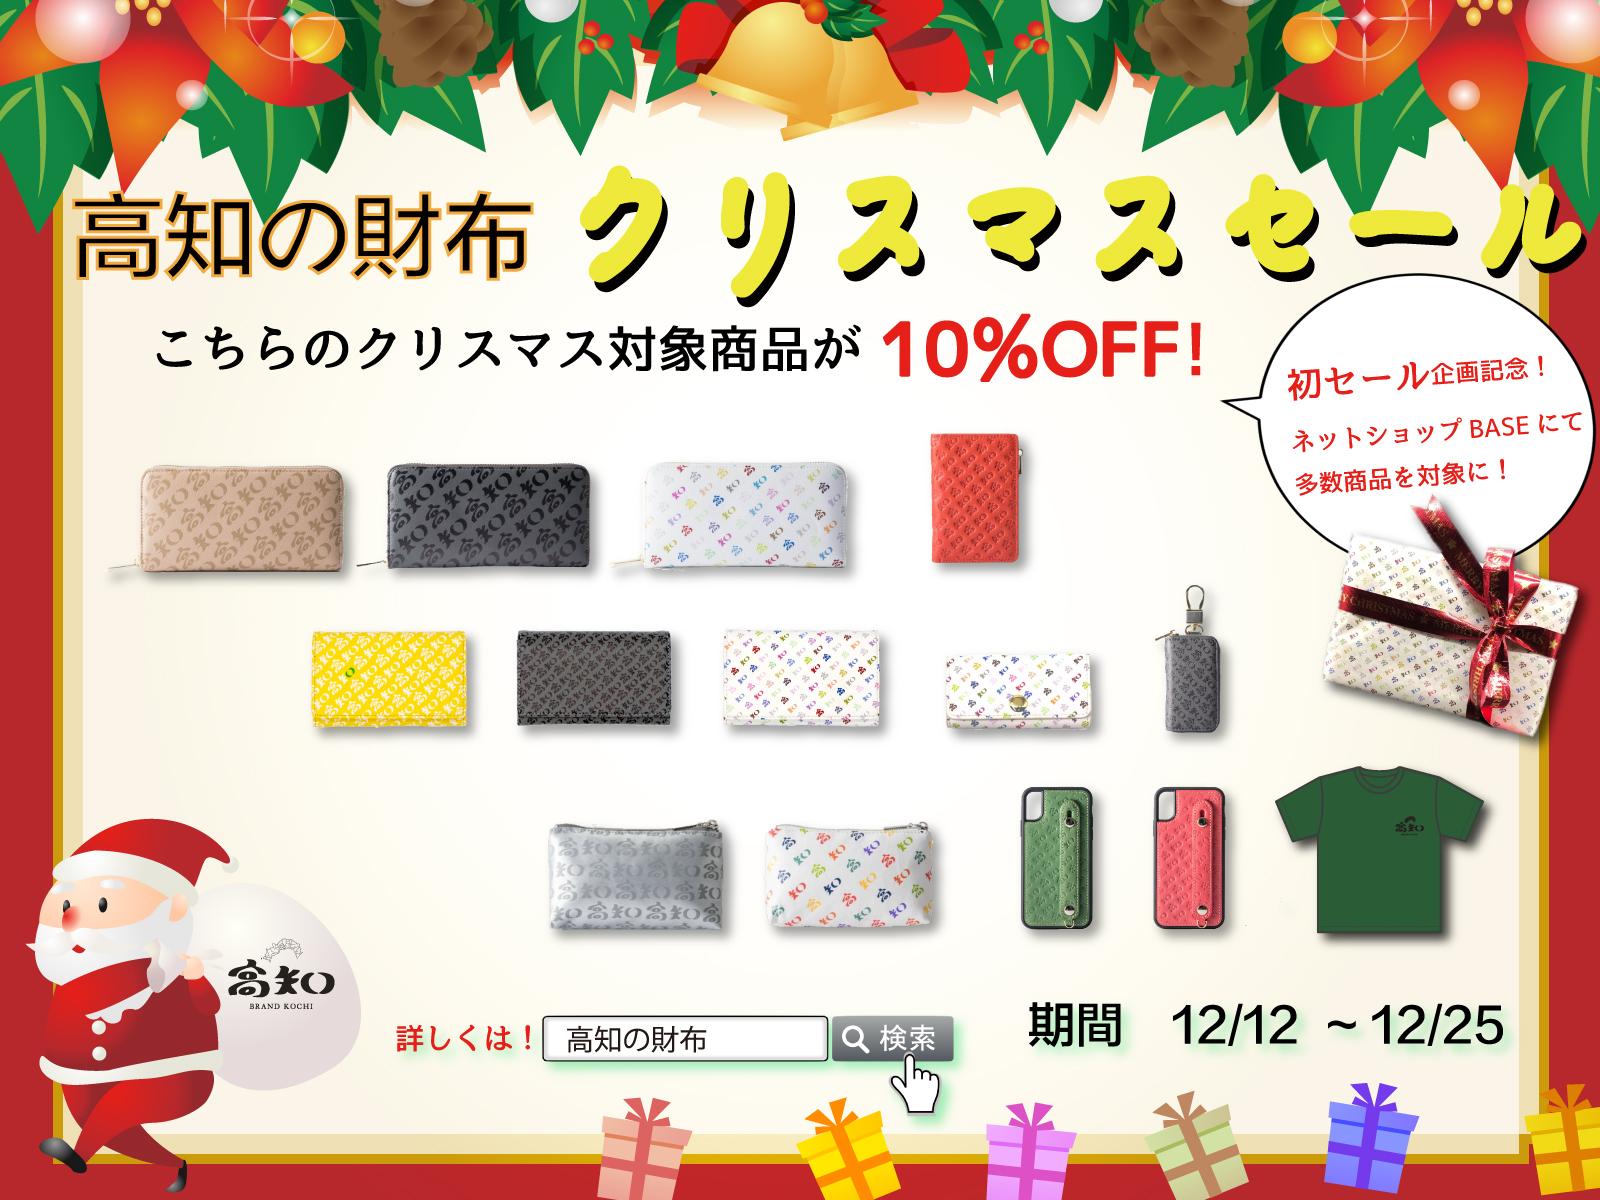 🎄🎁【初企画❗️】高知の財布クリスマスセールが開始✨🎅 期間限定12/12~12/25